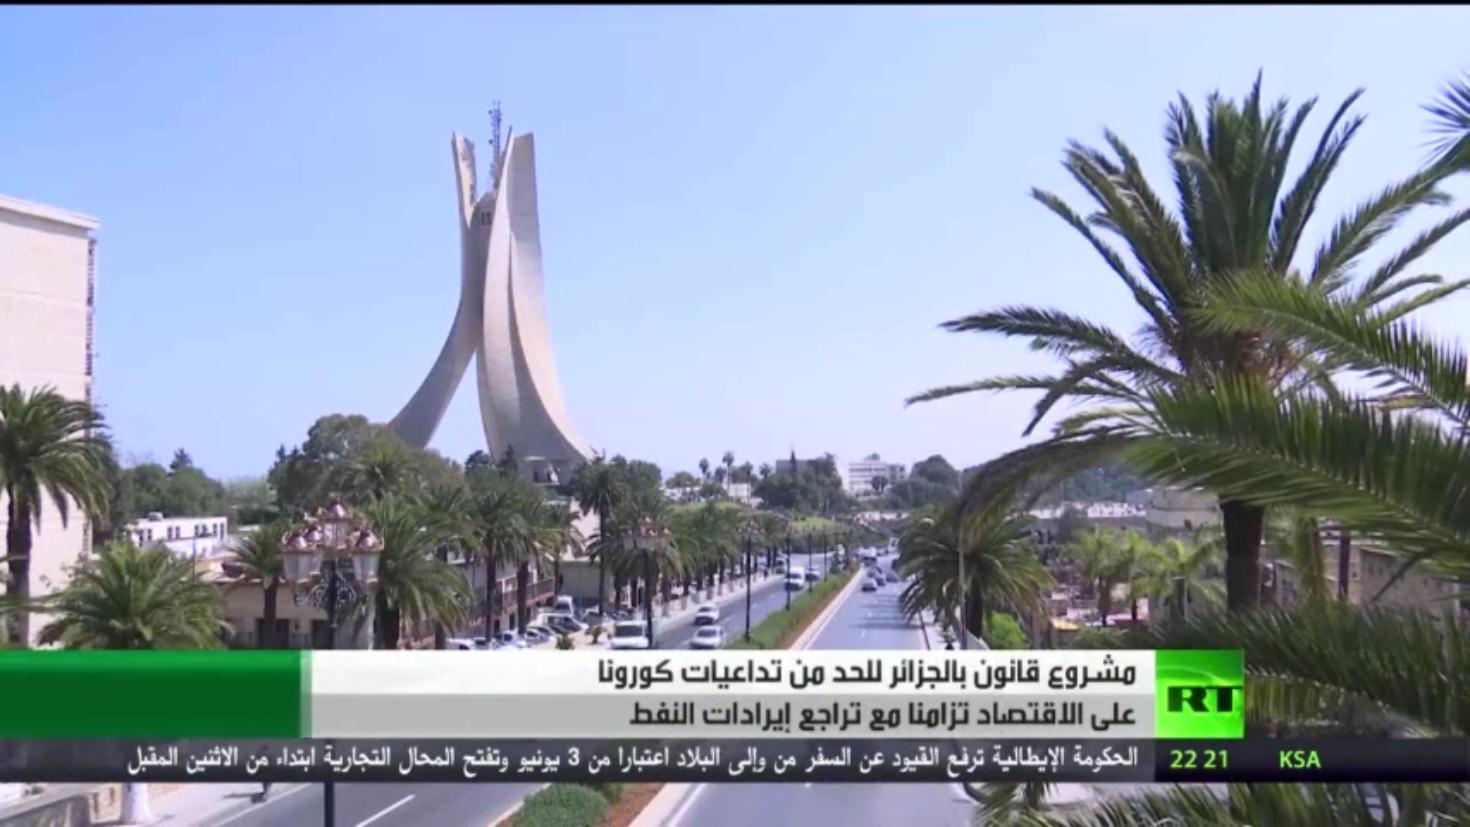 مشروع قانون بالجزائر للحد من تداعيات كورونا